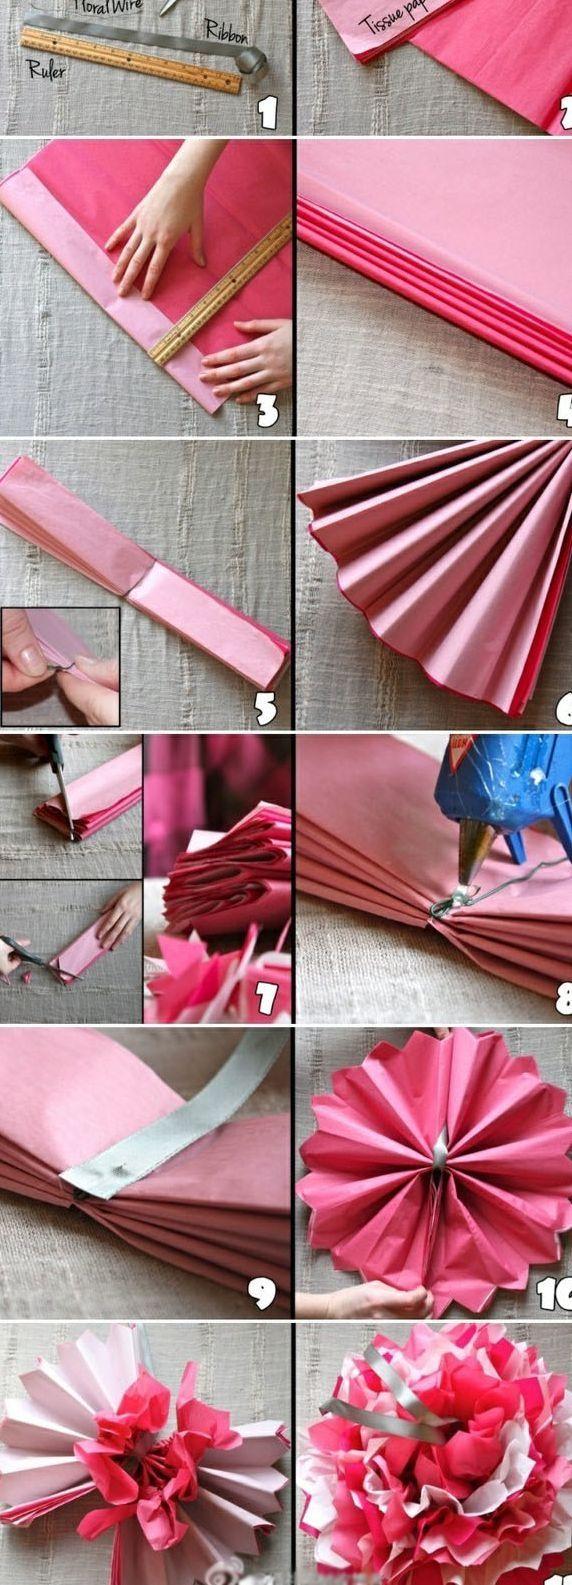 Diy pom poms diy crafts home made easy crafts craft idea crafts craft diy pom poms diy crafts home solutioingenieria Gallery